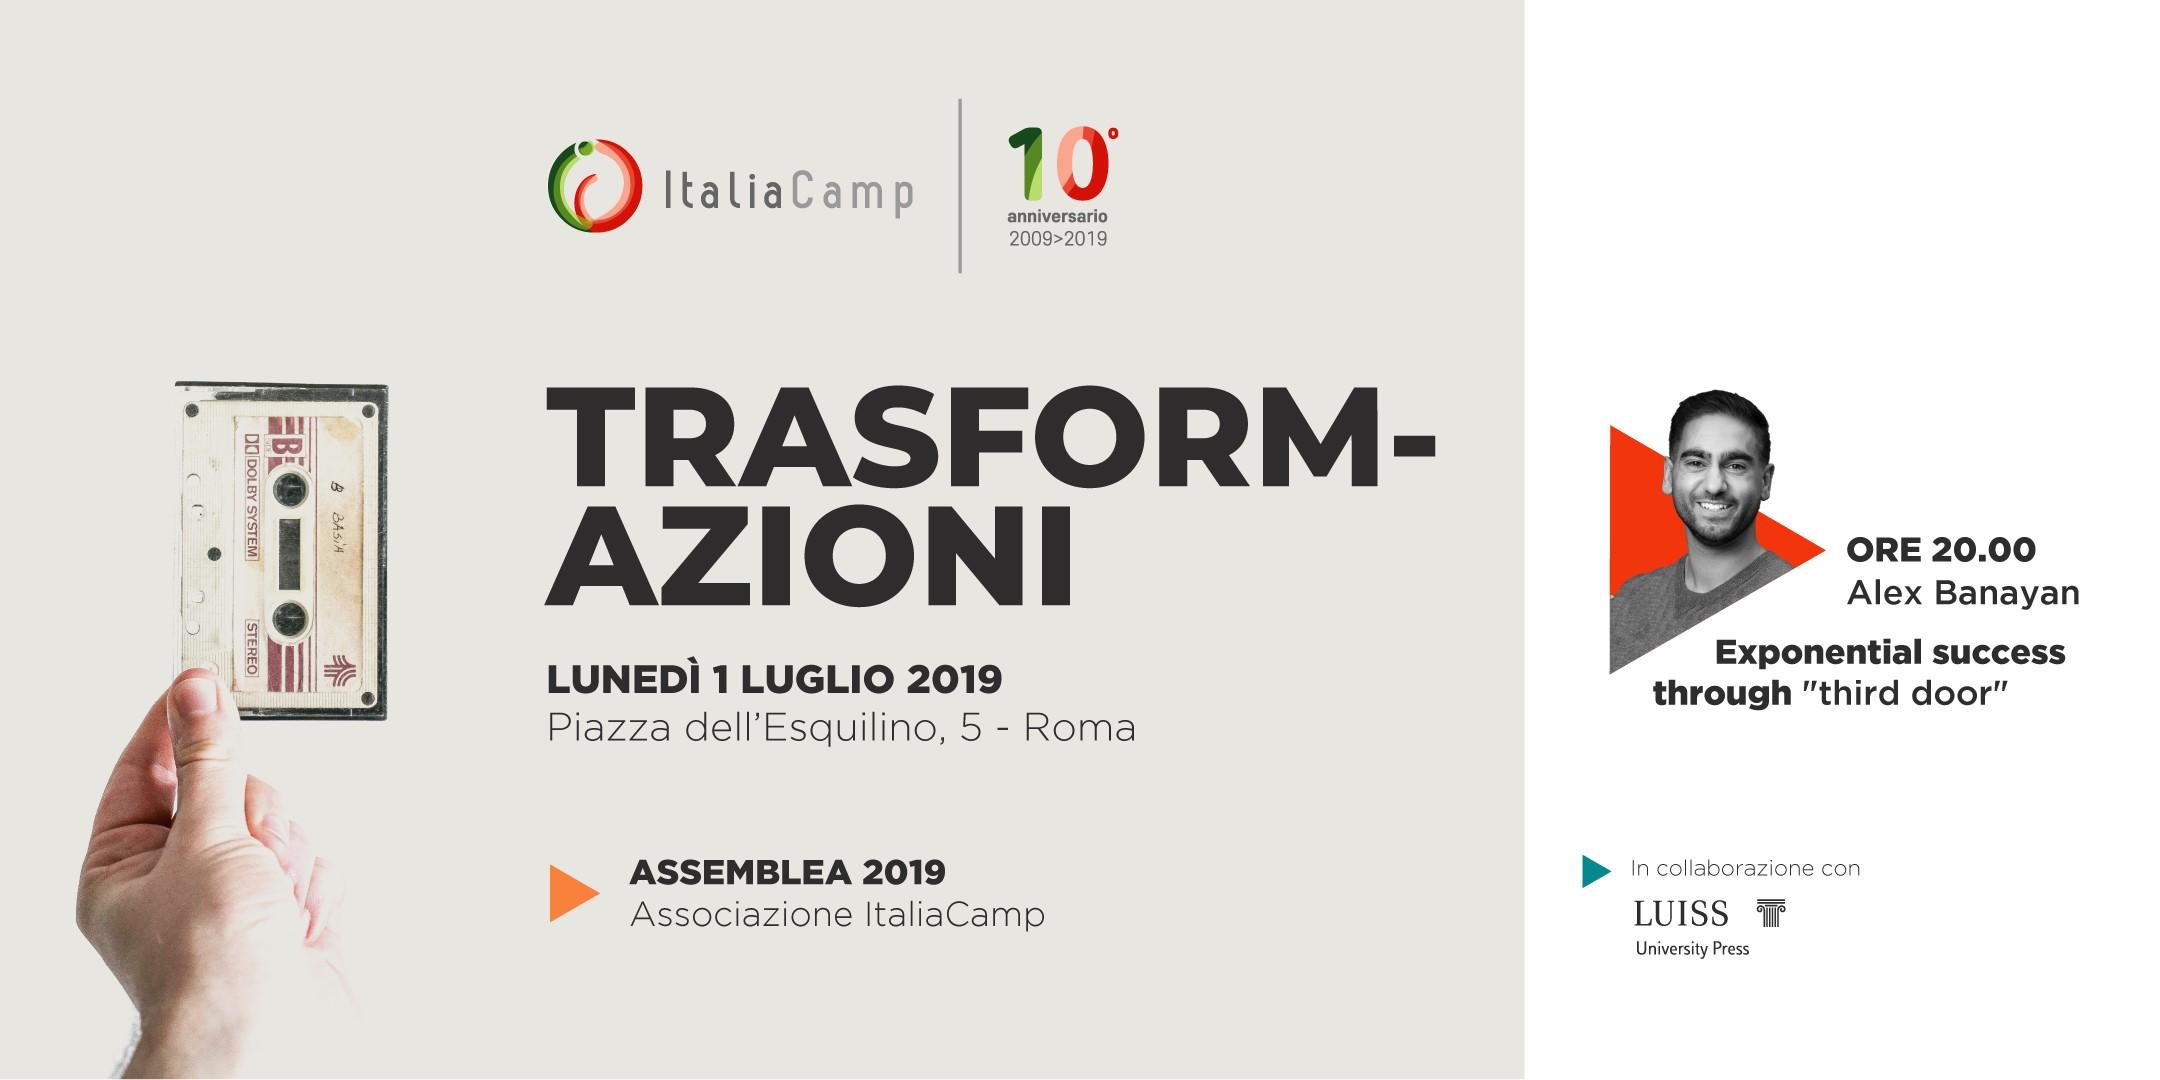 alex-banayan-apre-la-terza-porta-all-assemblea-di-italiacamp